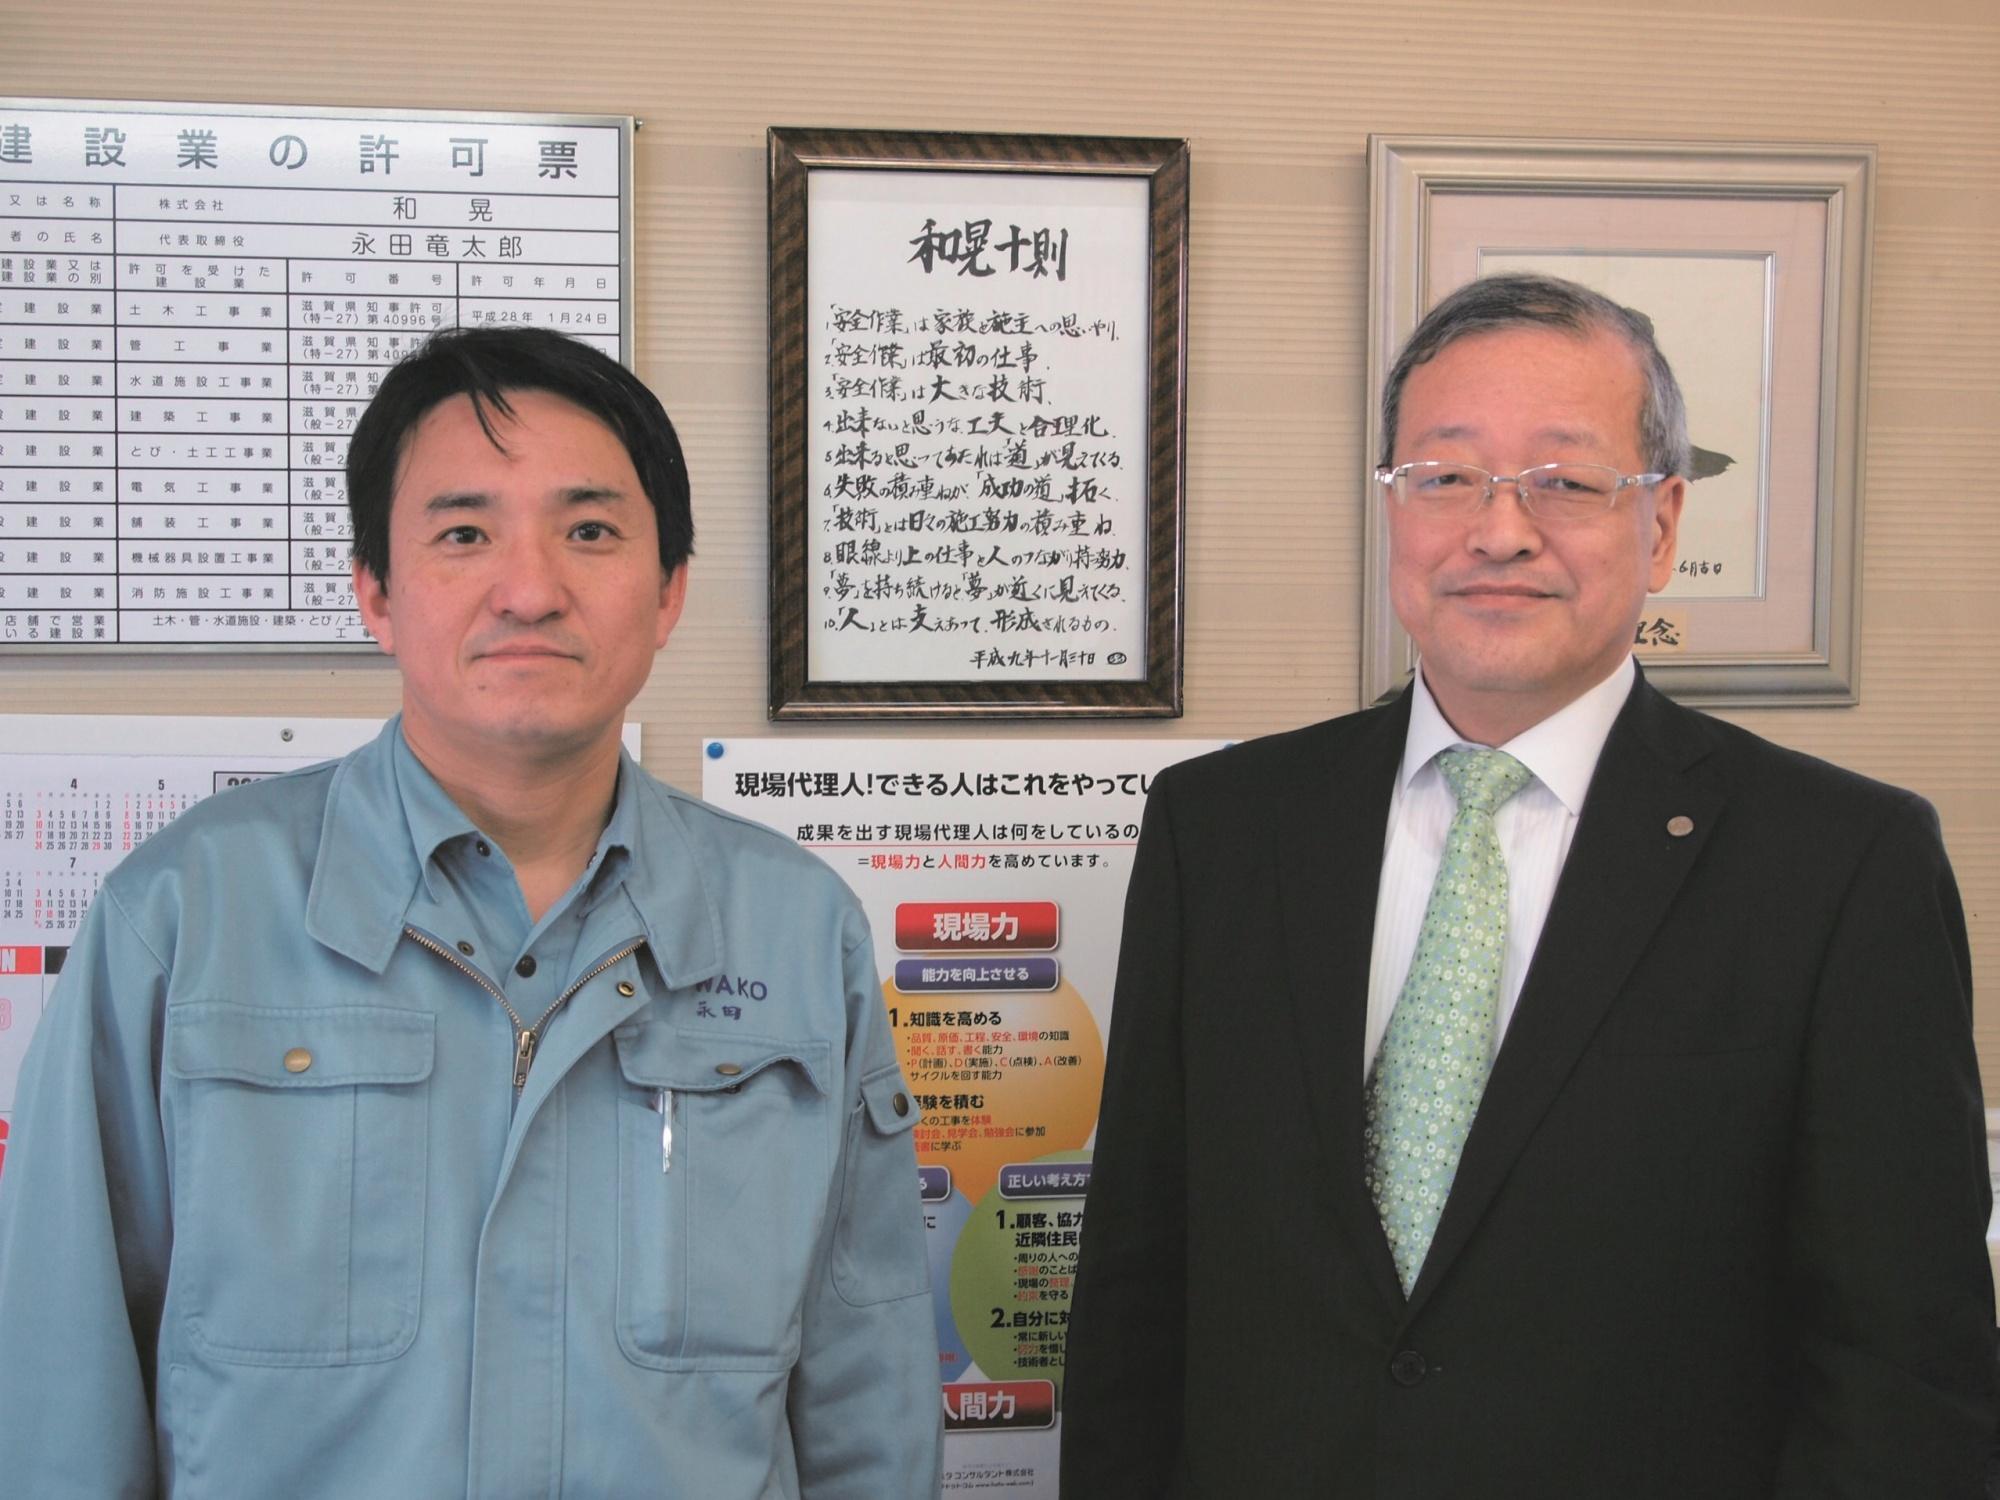 「和晃十則(社員心得)」の前で永田社長と弊社の代表と記念撮影